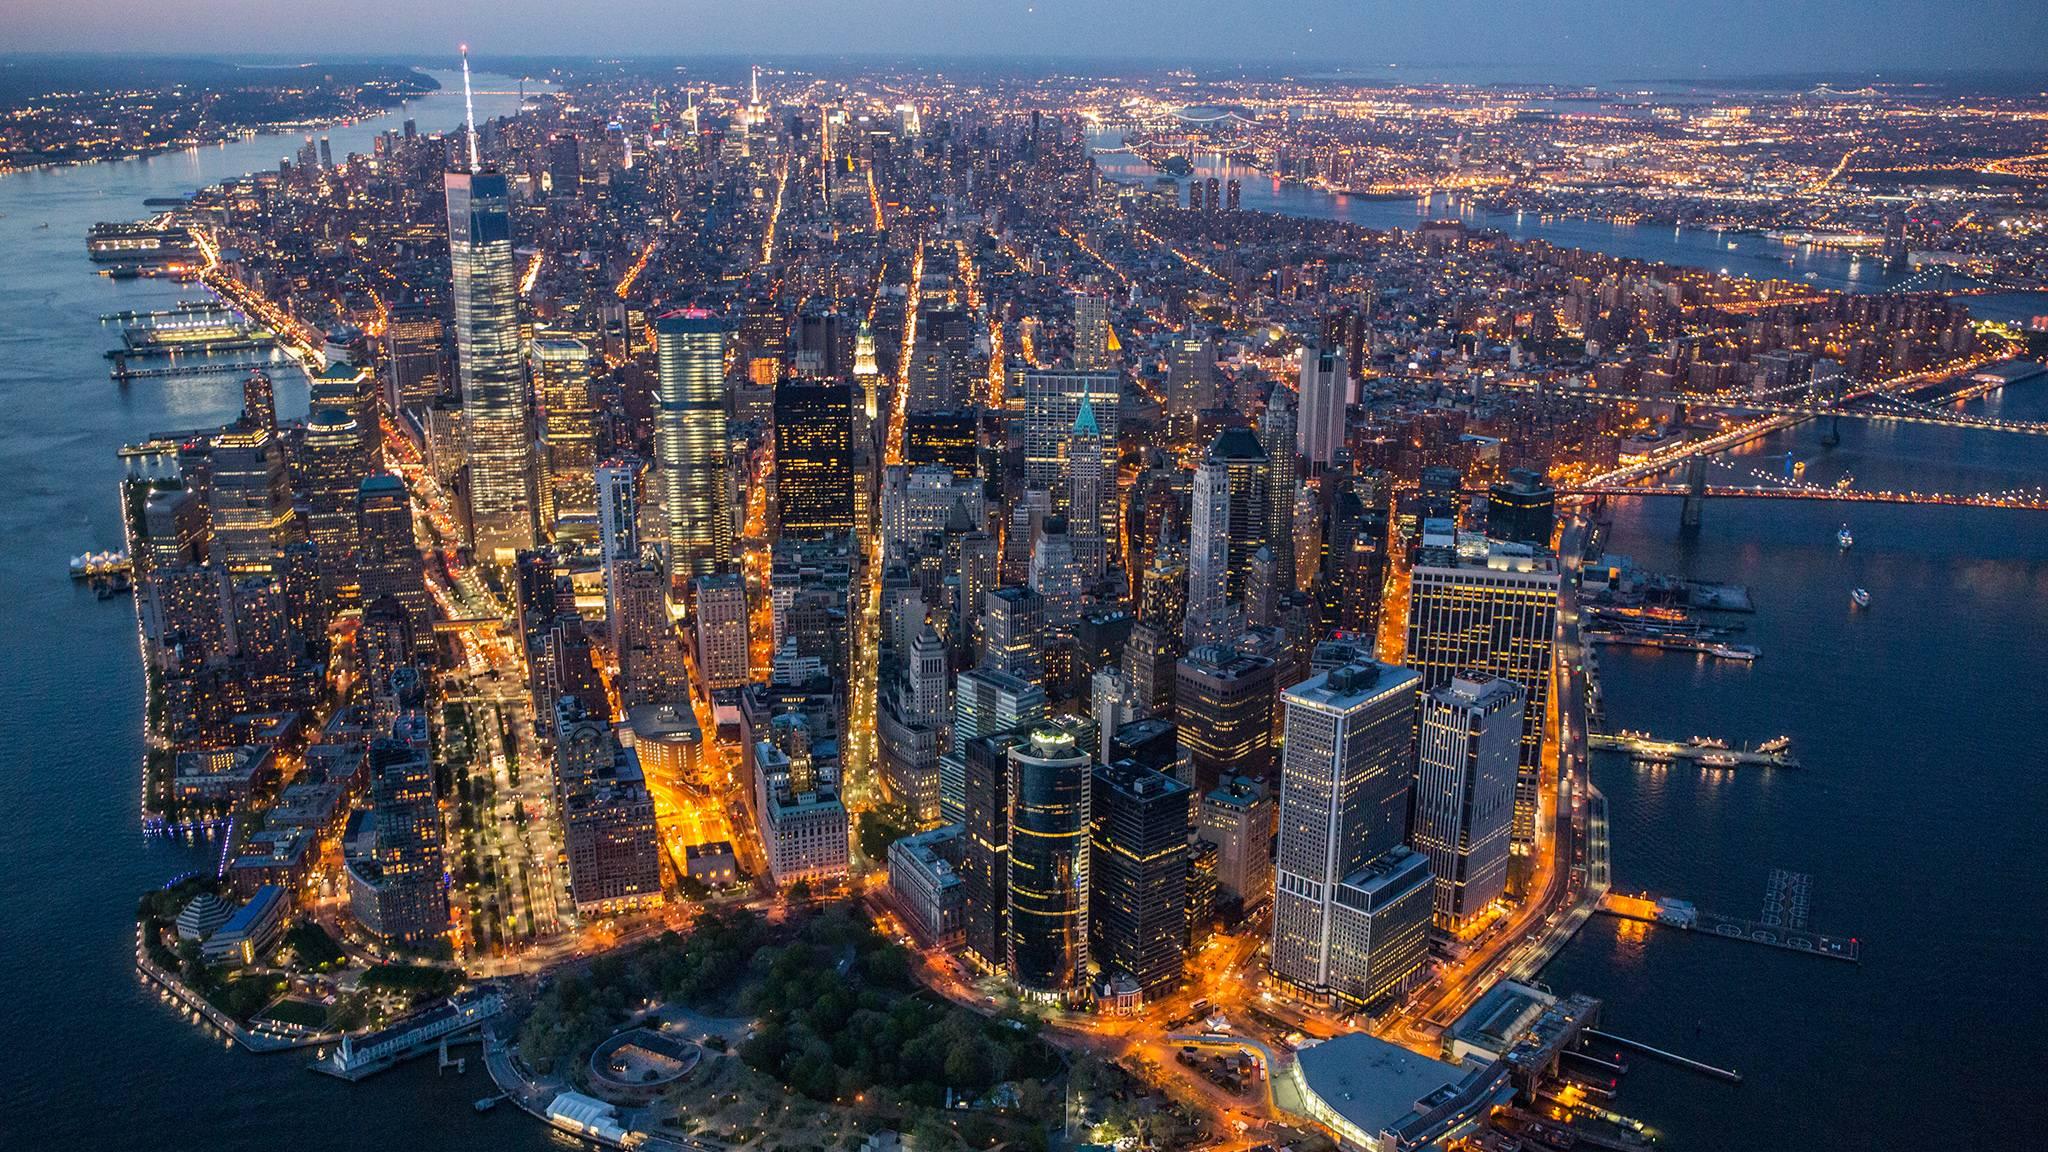 Flüge: New York / USA (8/19-3/20) Nonstop Hin- und Rückflug von Frankfurt nach New York mit Singapore Airlines ab 392€ inkl. 2x23Kg Gepäck